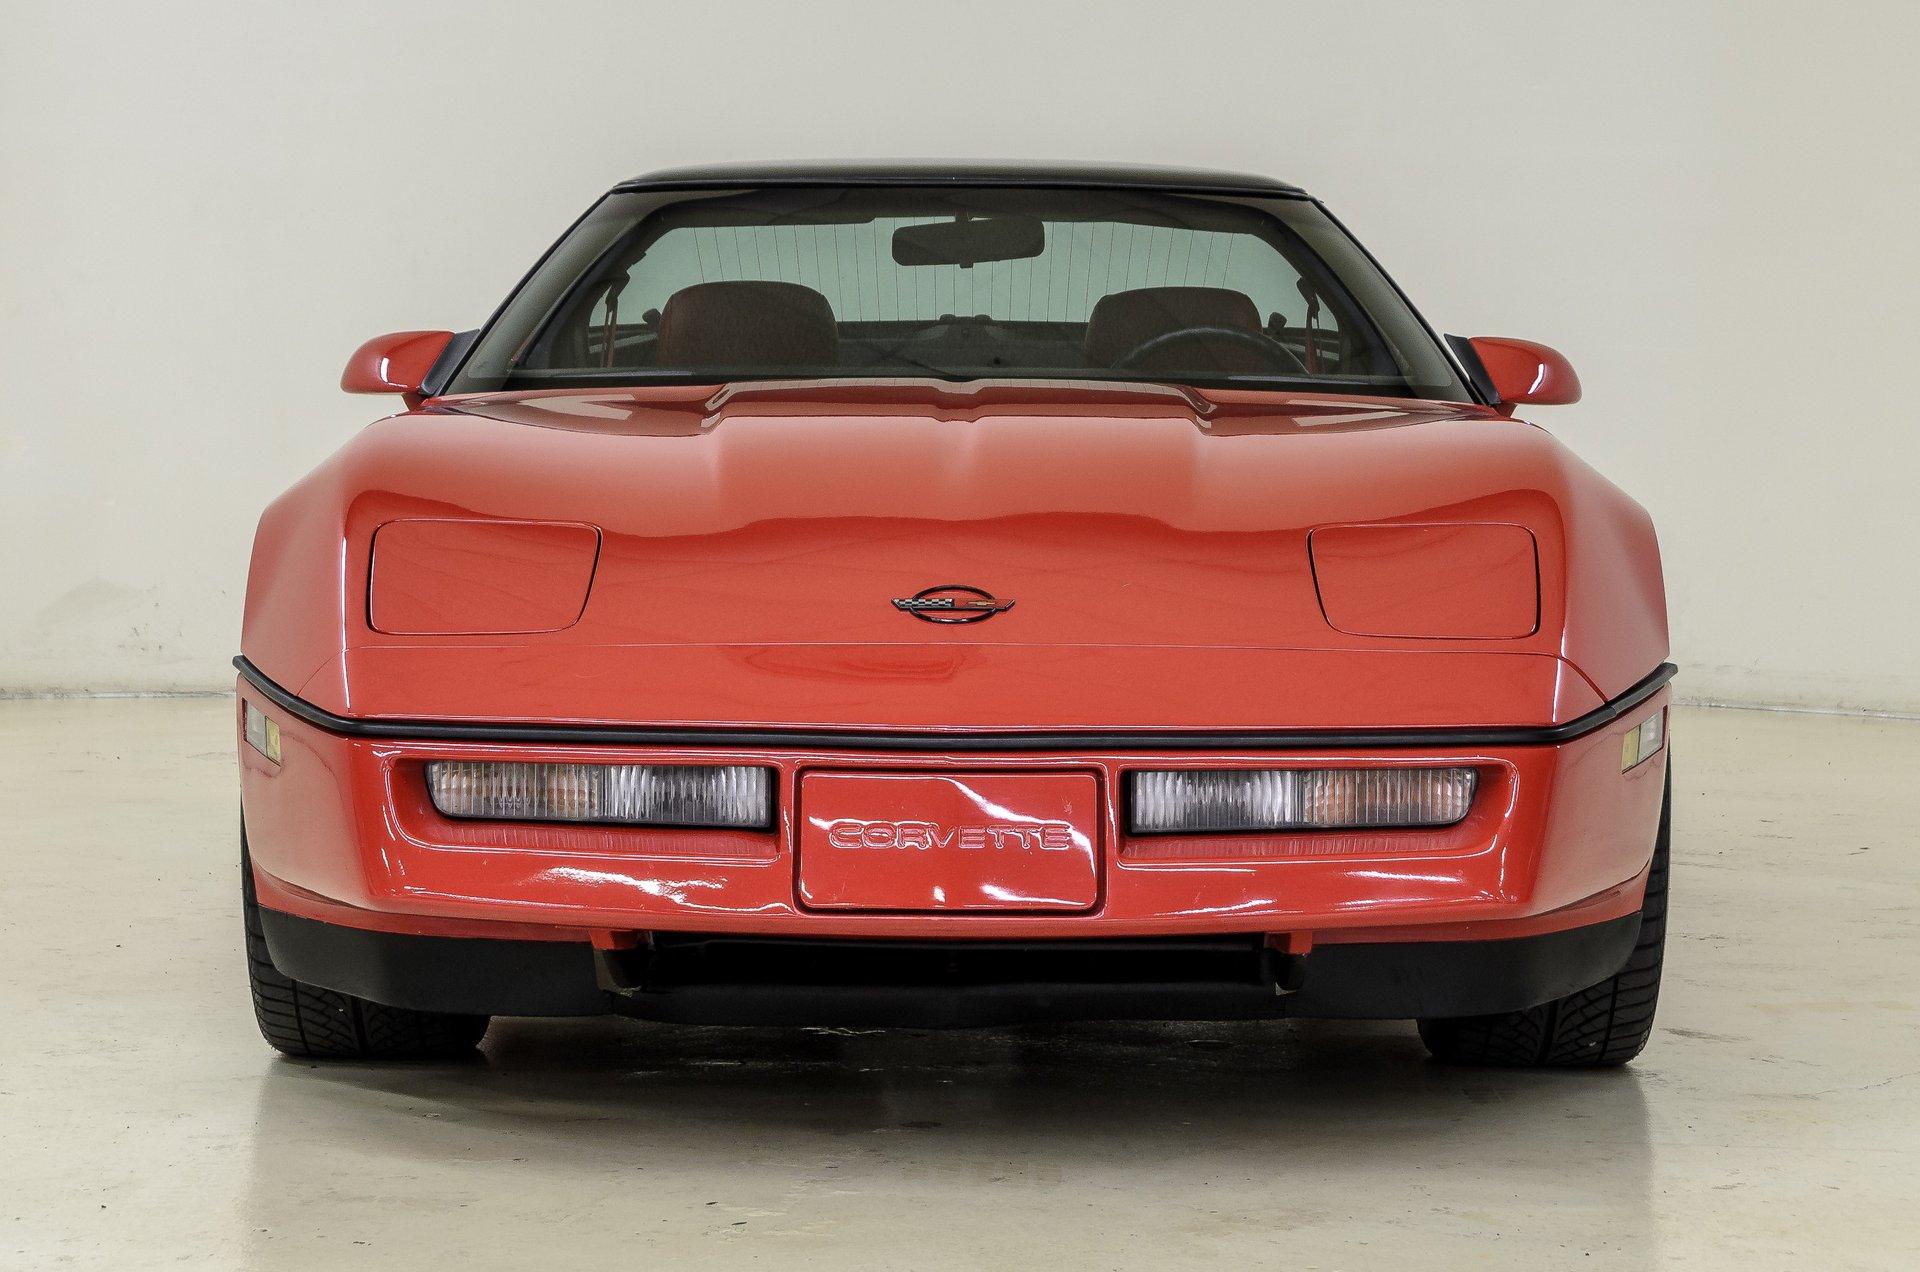 1989 Chevrolet Corvette | Auto Barn Classic Cars